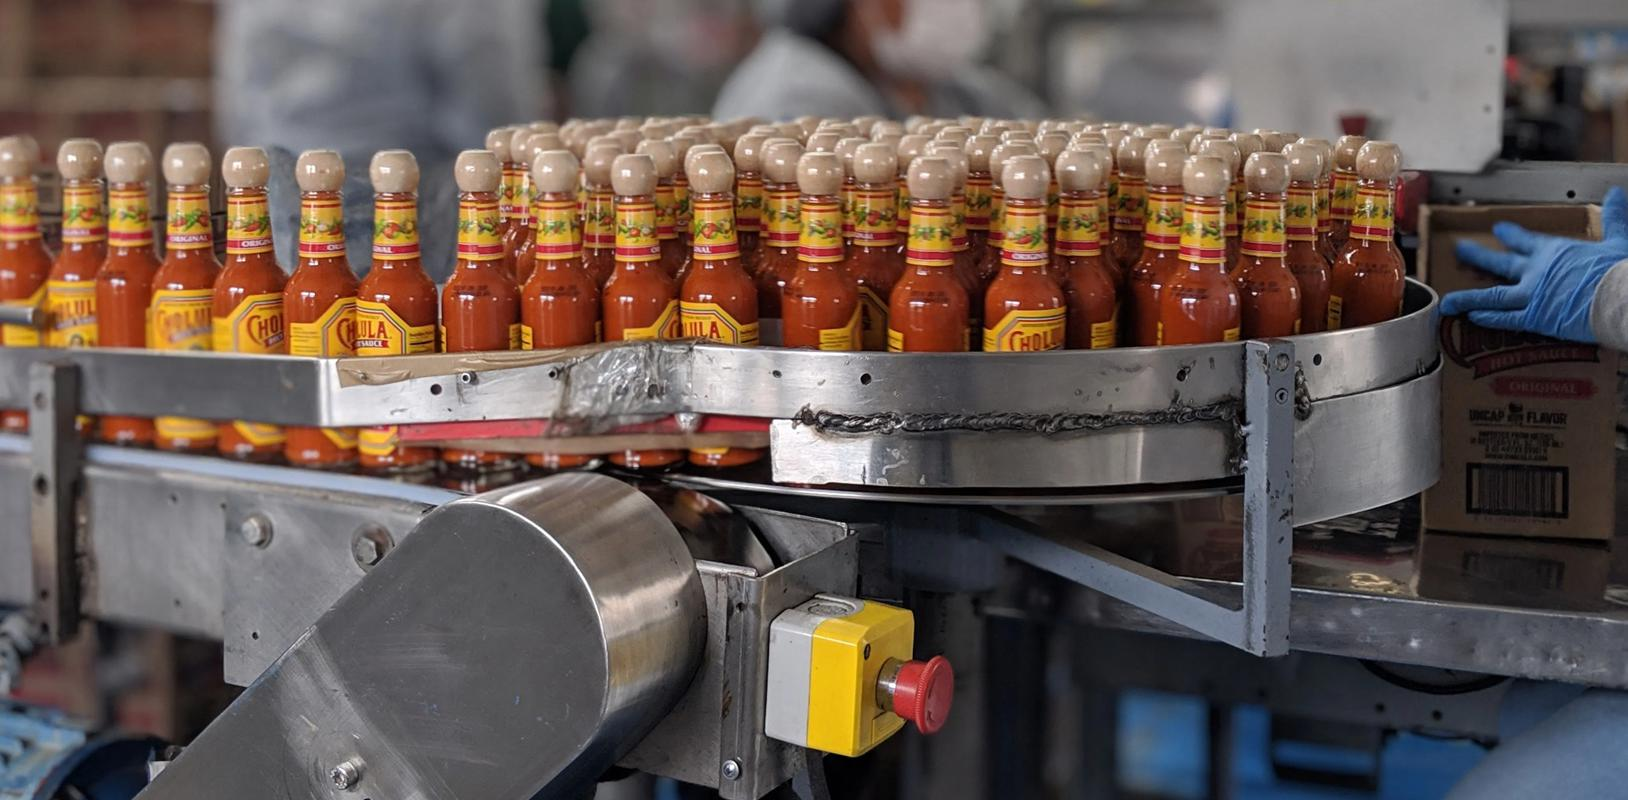 Image Les sauces cholula